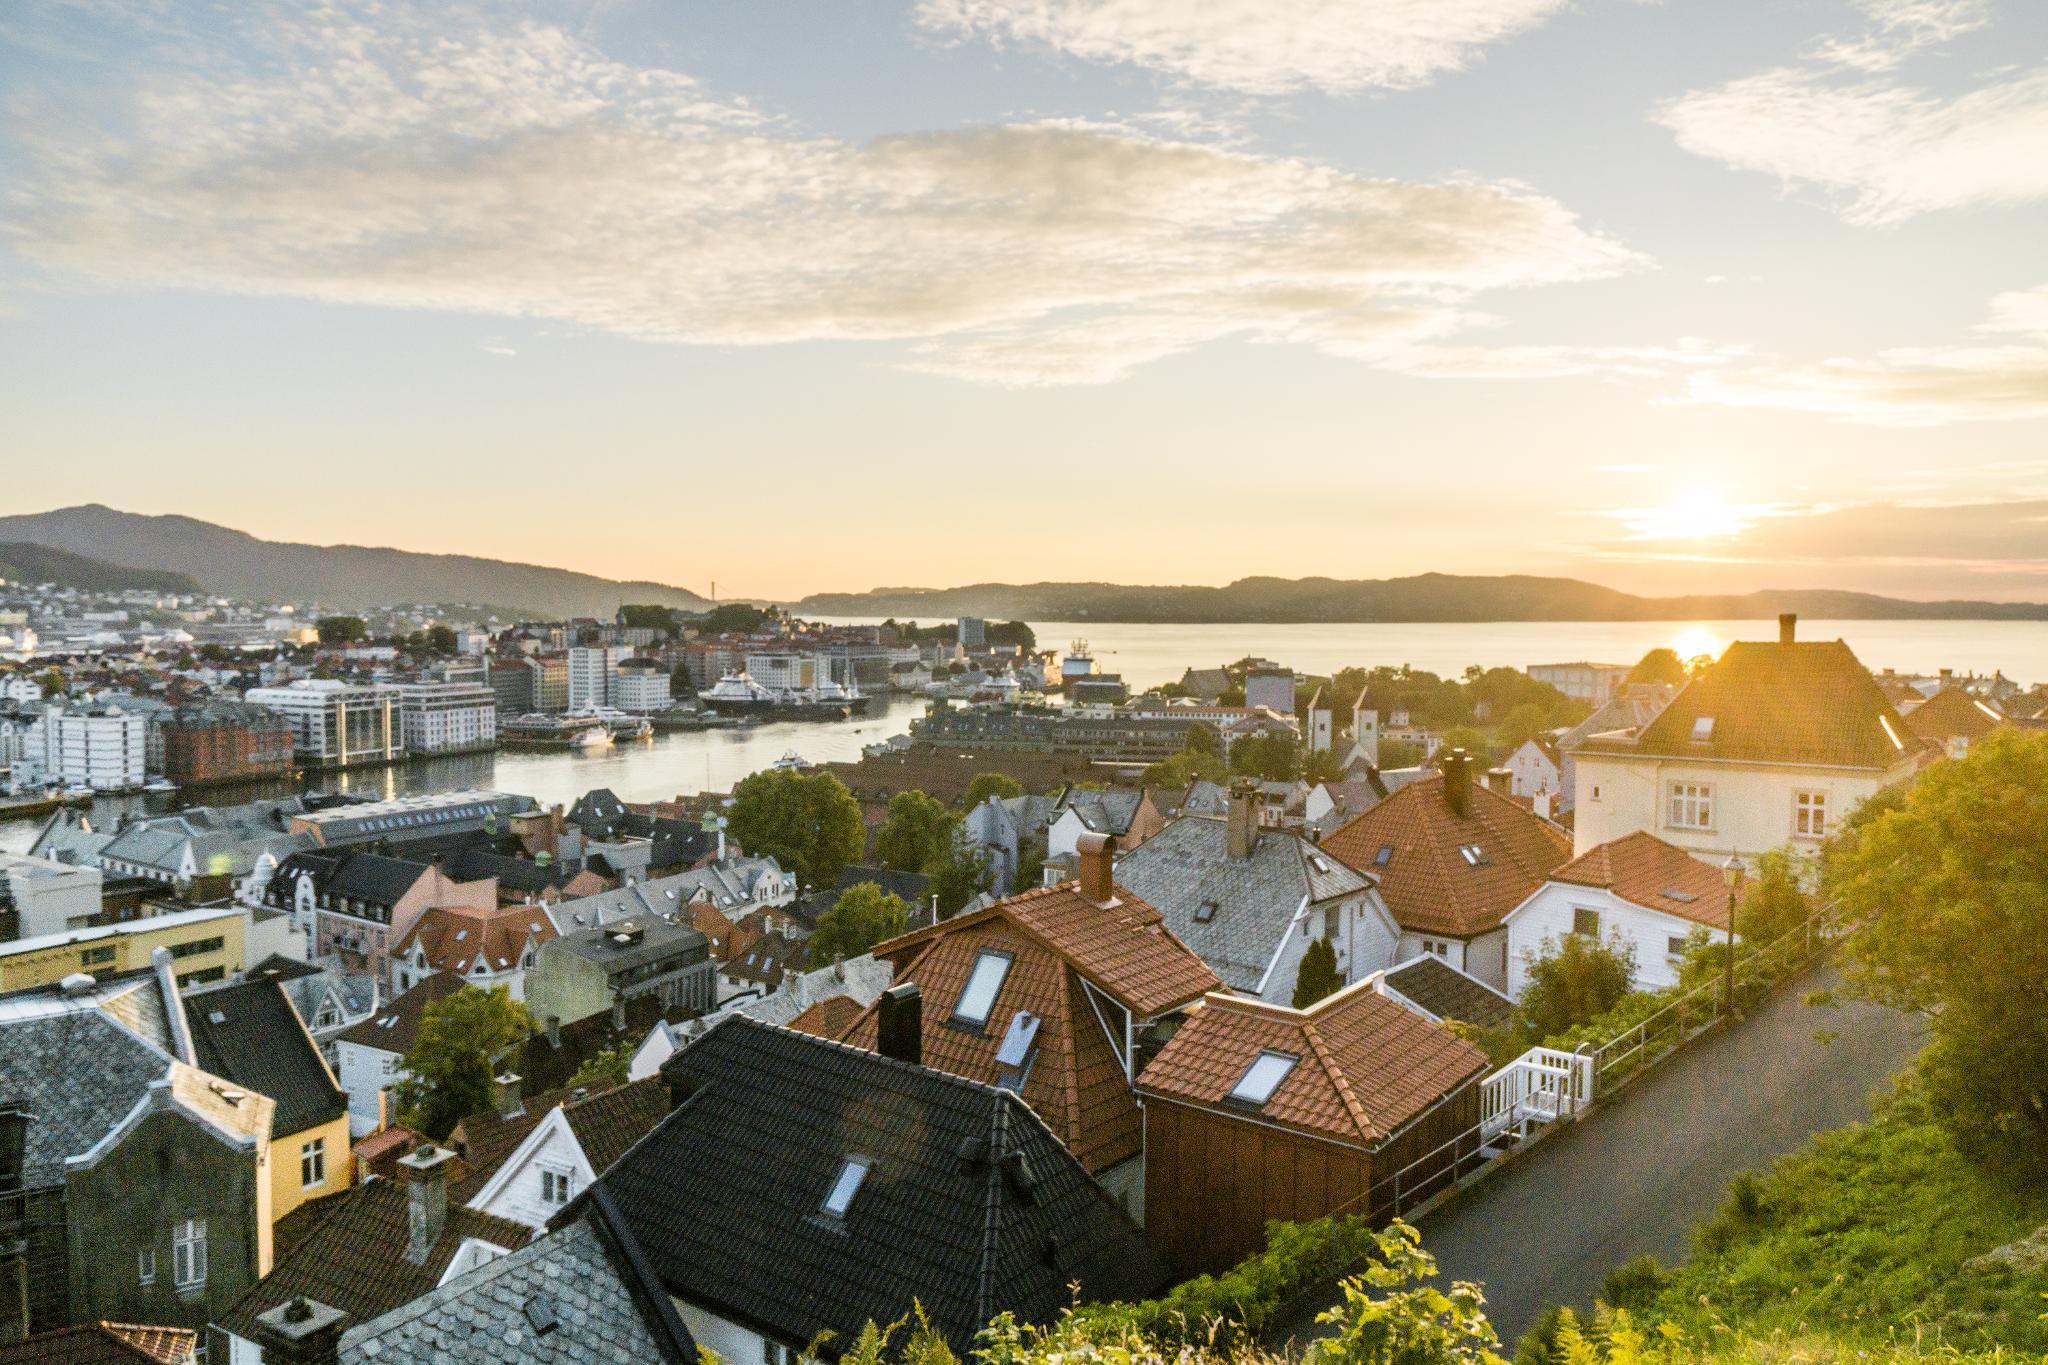 【卑爾根】Fløyen 佛洛伊恩山纜車與觀景台 — 擁抱文化港都的百萬美景 108